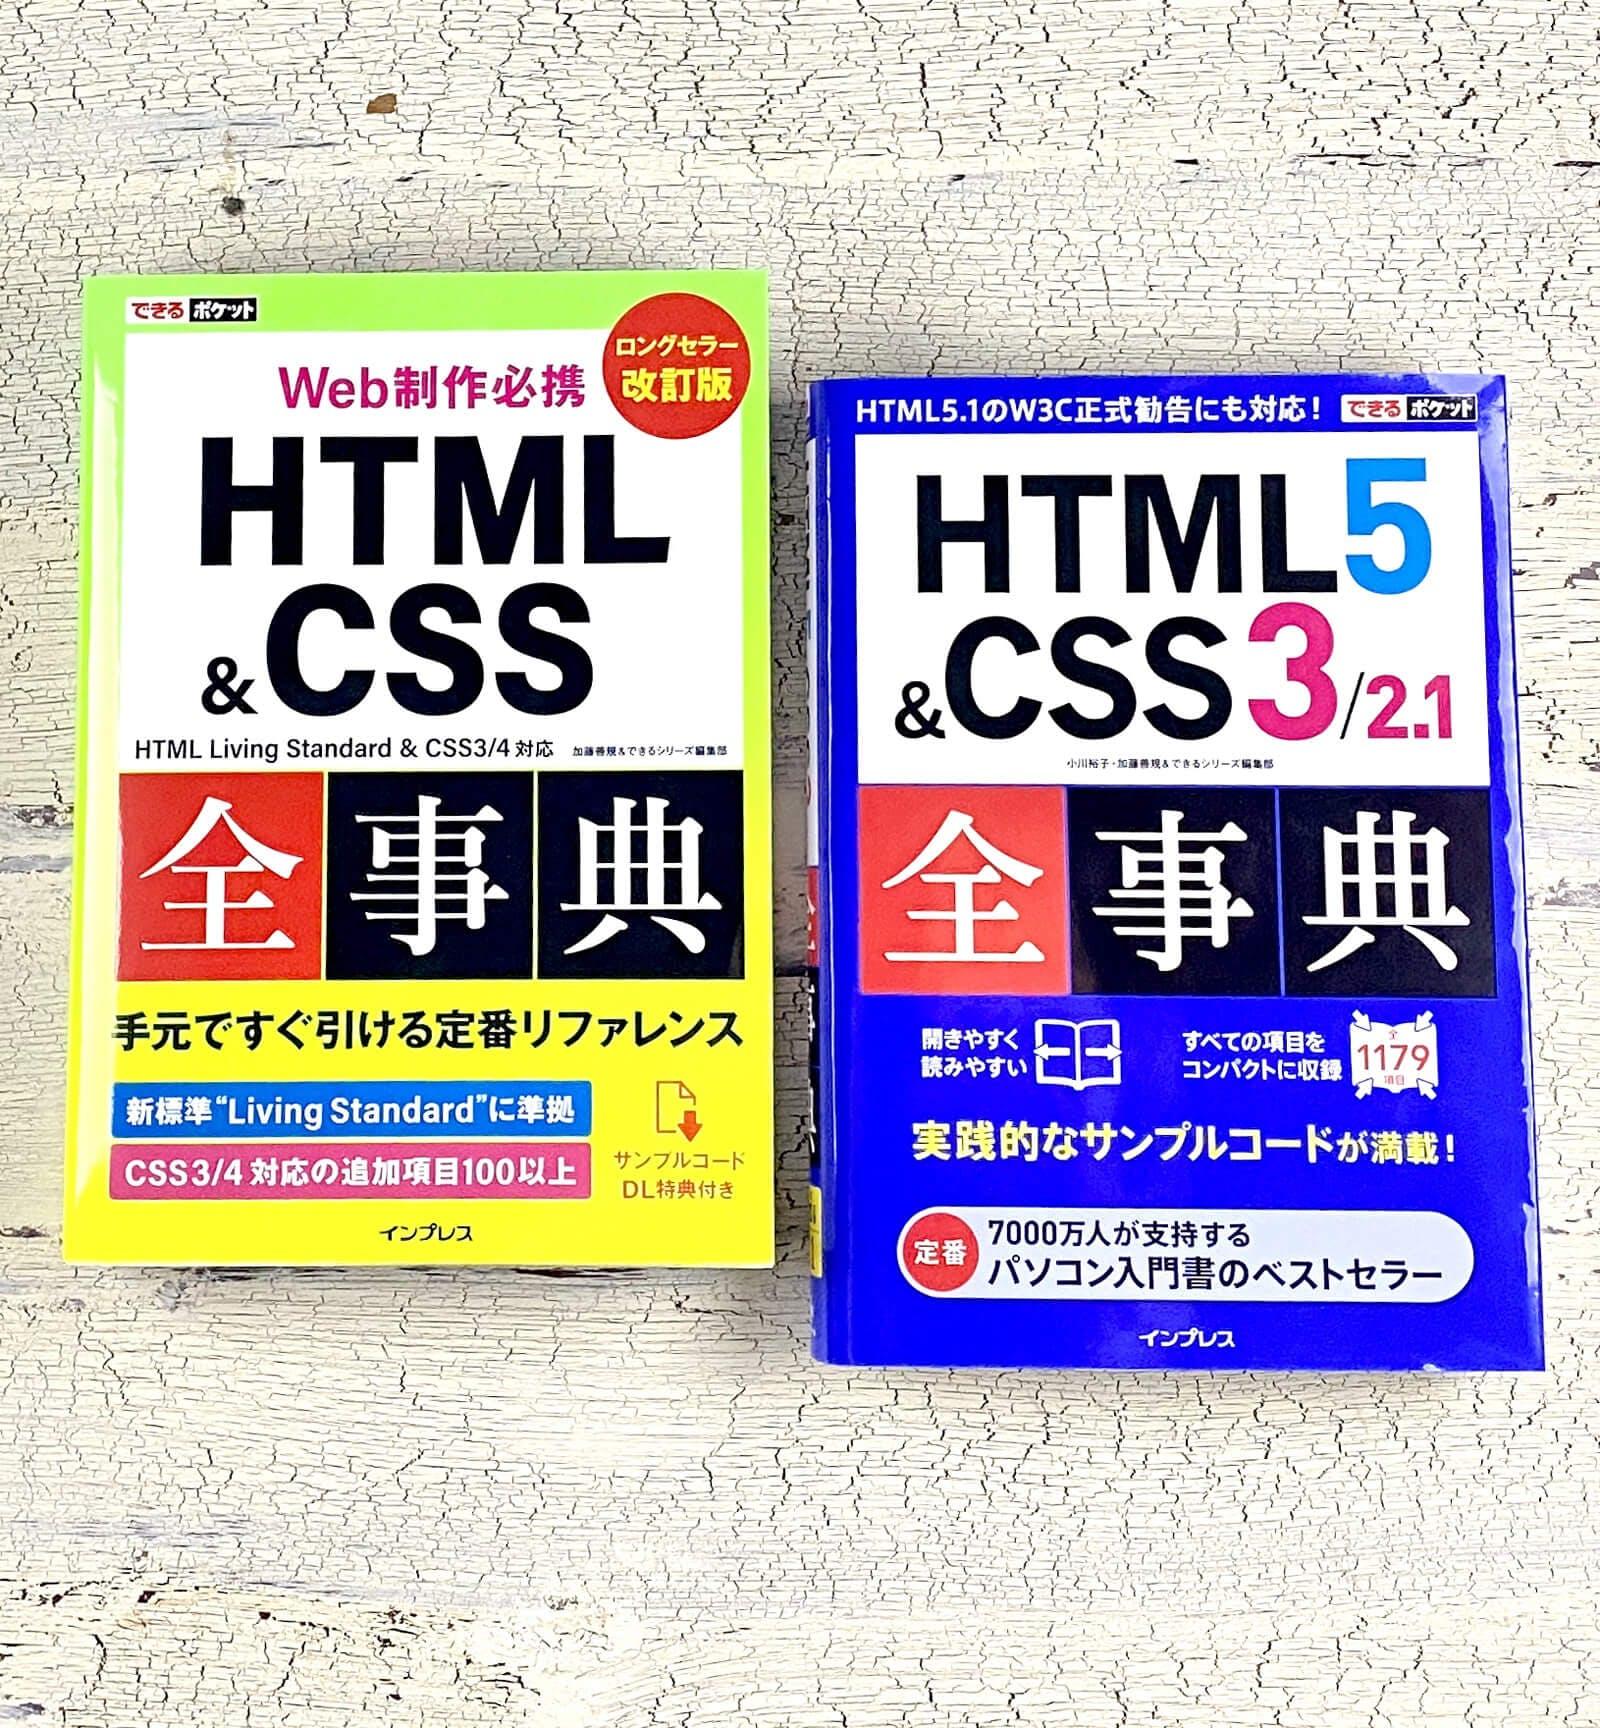 書籍「できるポケット HTML&CSS全事典」改定版(写真左)と旧版(写真右)